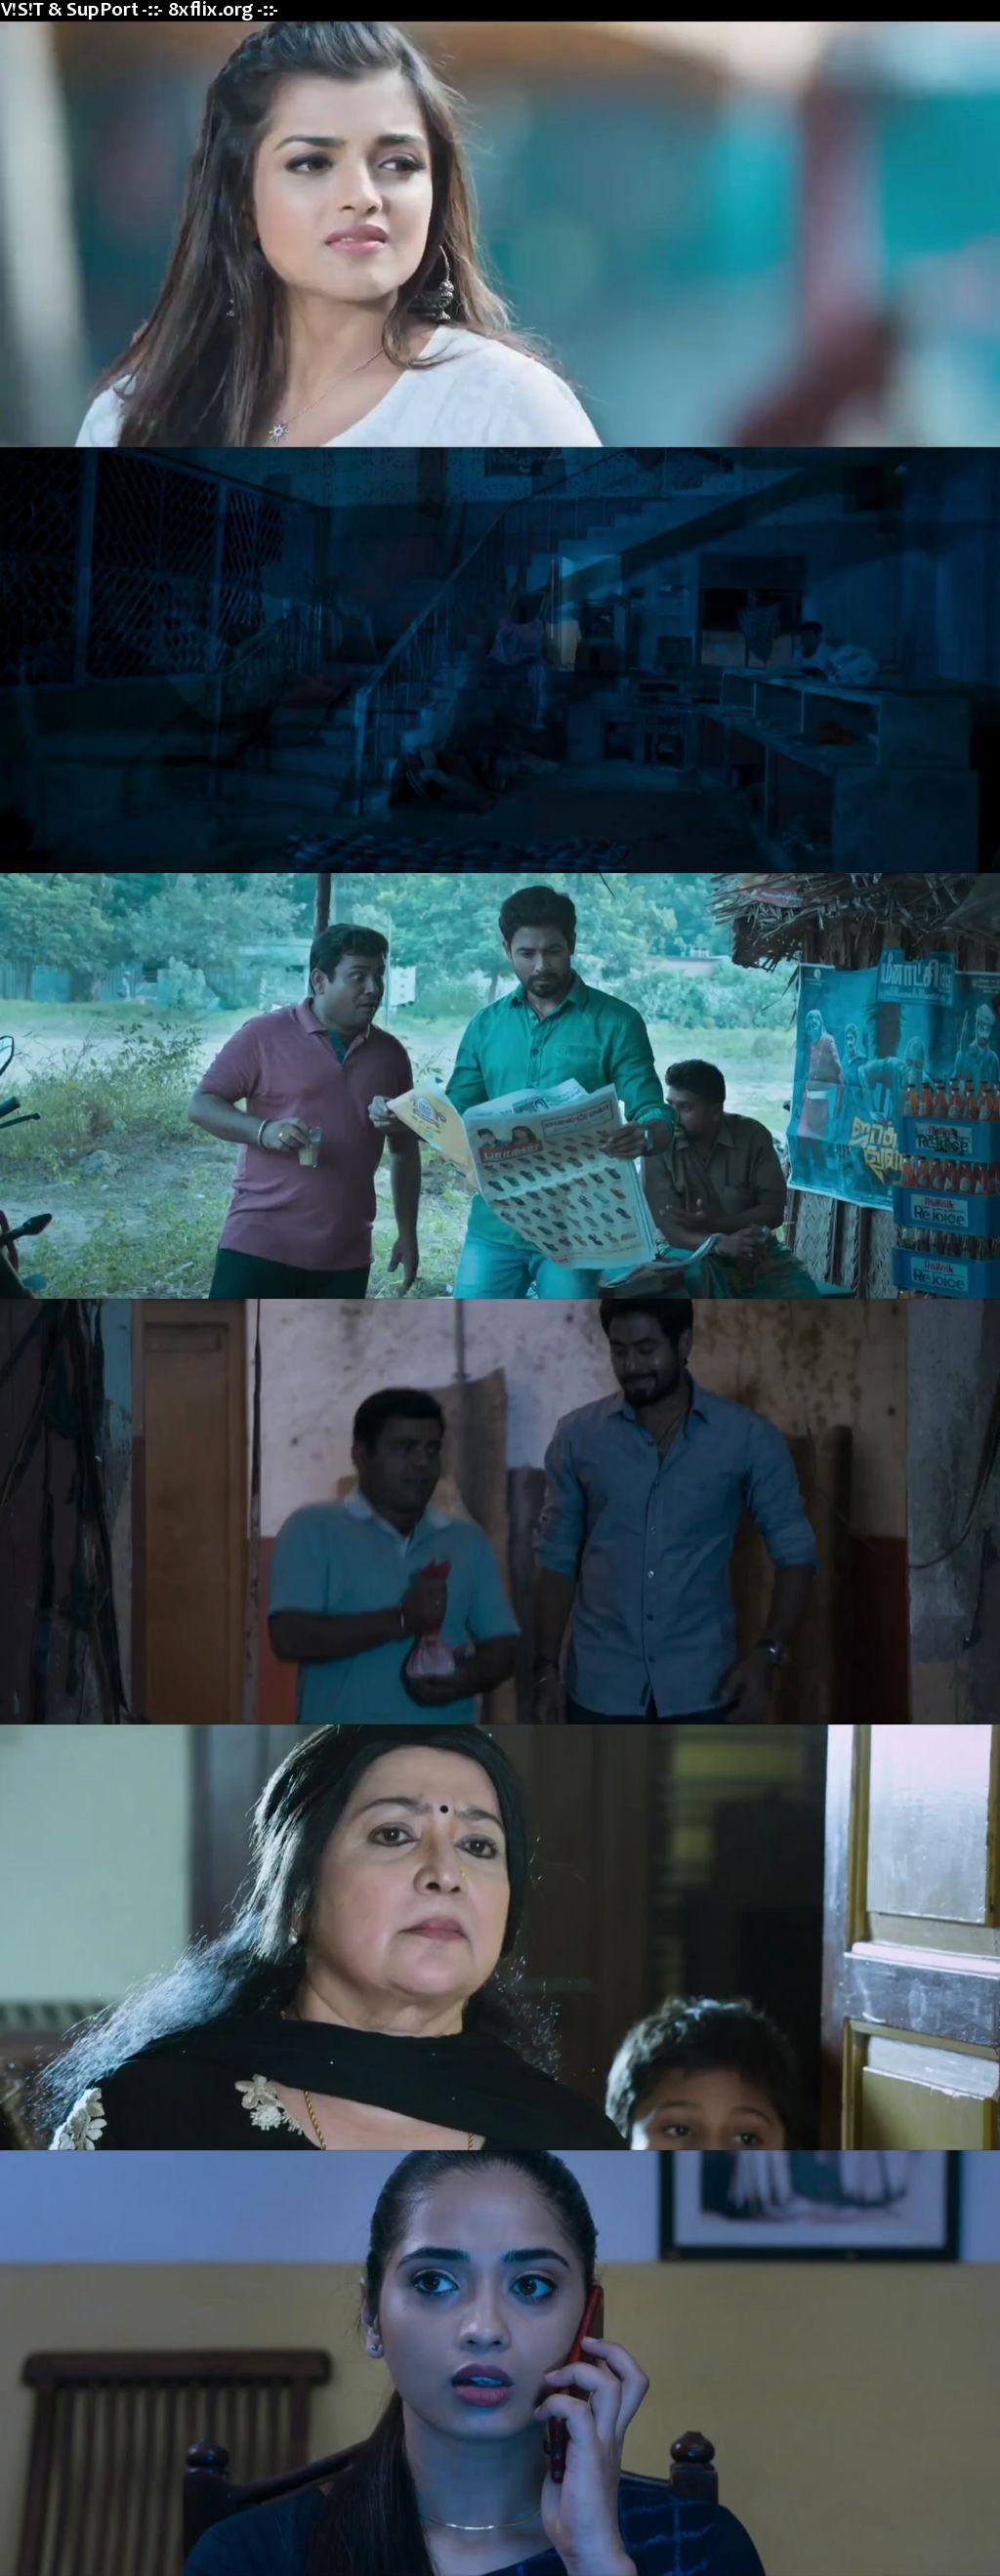 Nagesh Theatre 2021 Full Movie Hindi Dubbed 720p 480p HDRip